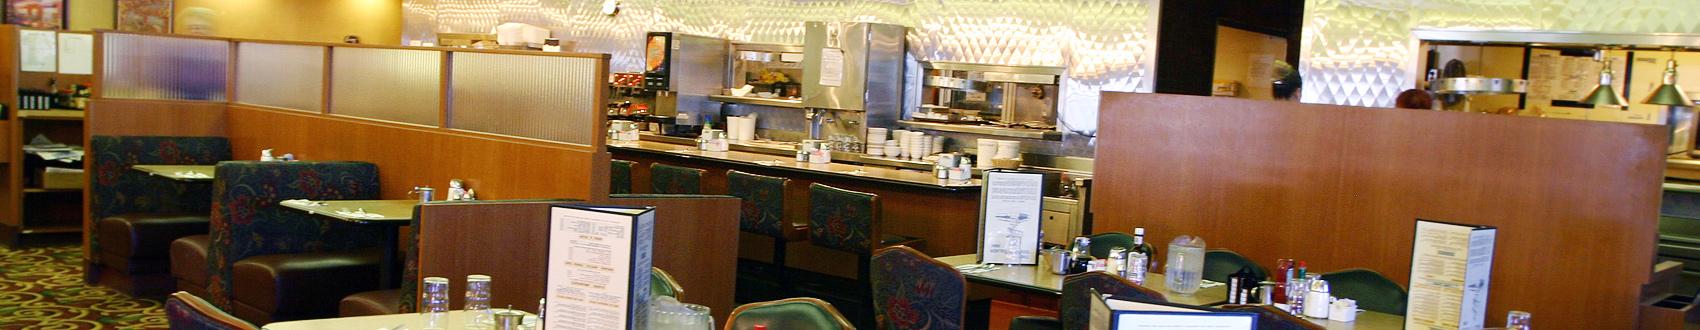 goldnsilver-diningroom